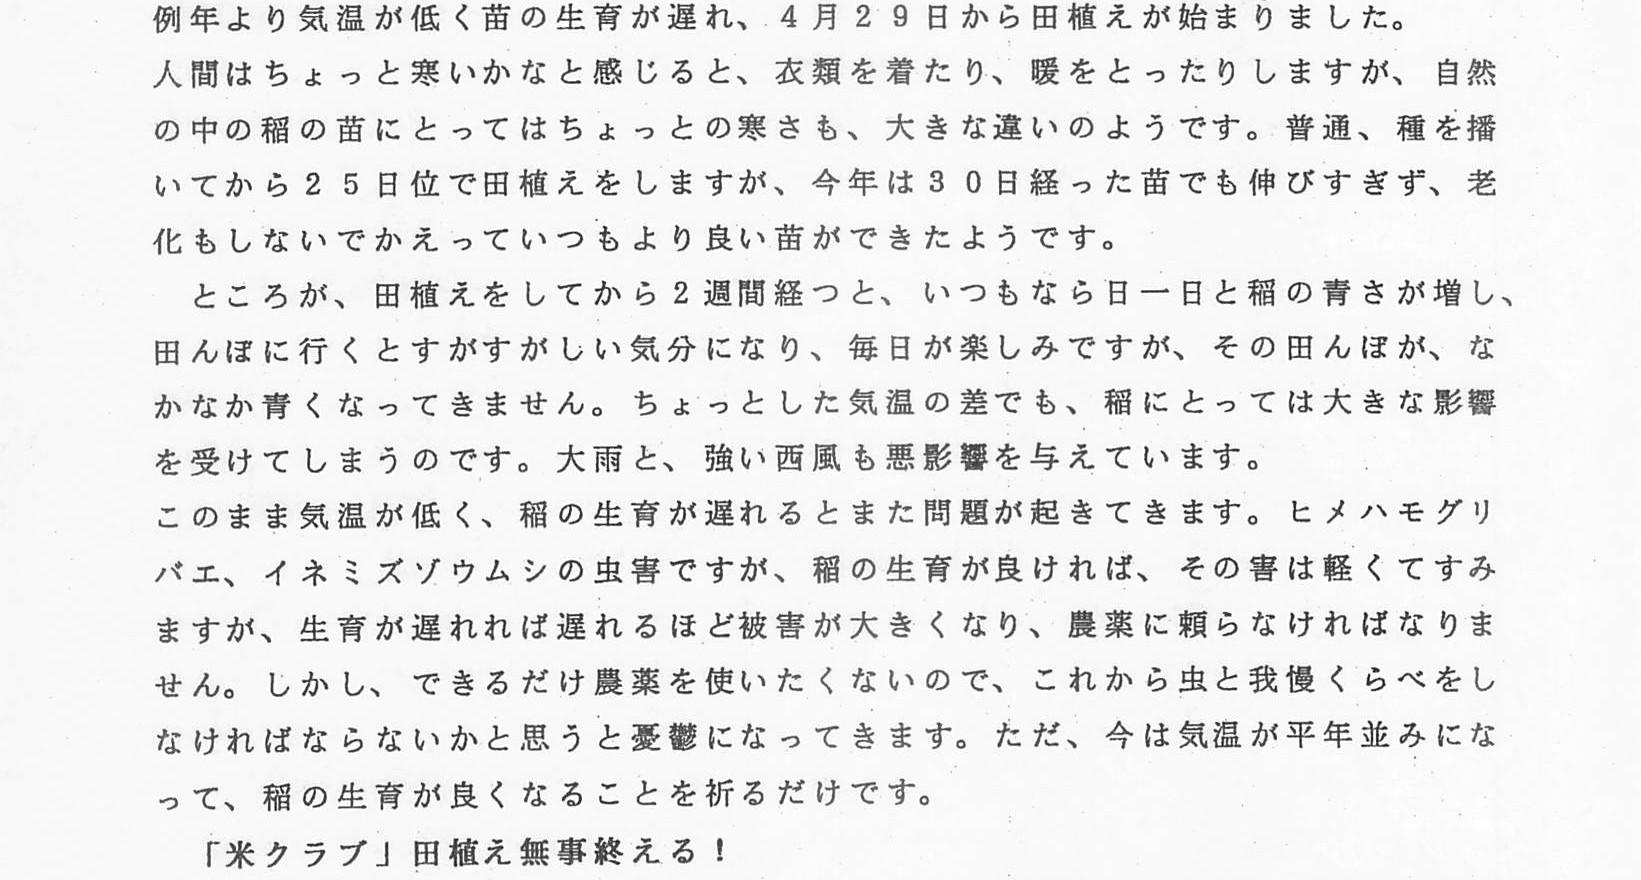 19960511_あぜ道だよりNo5.jpg